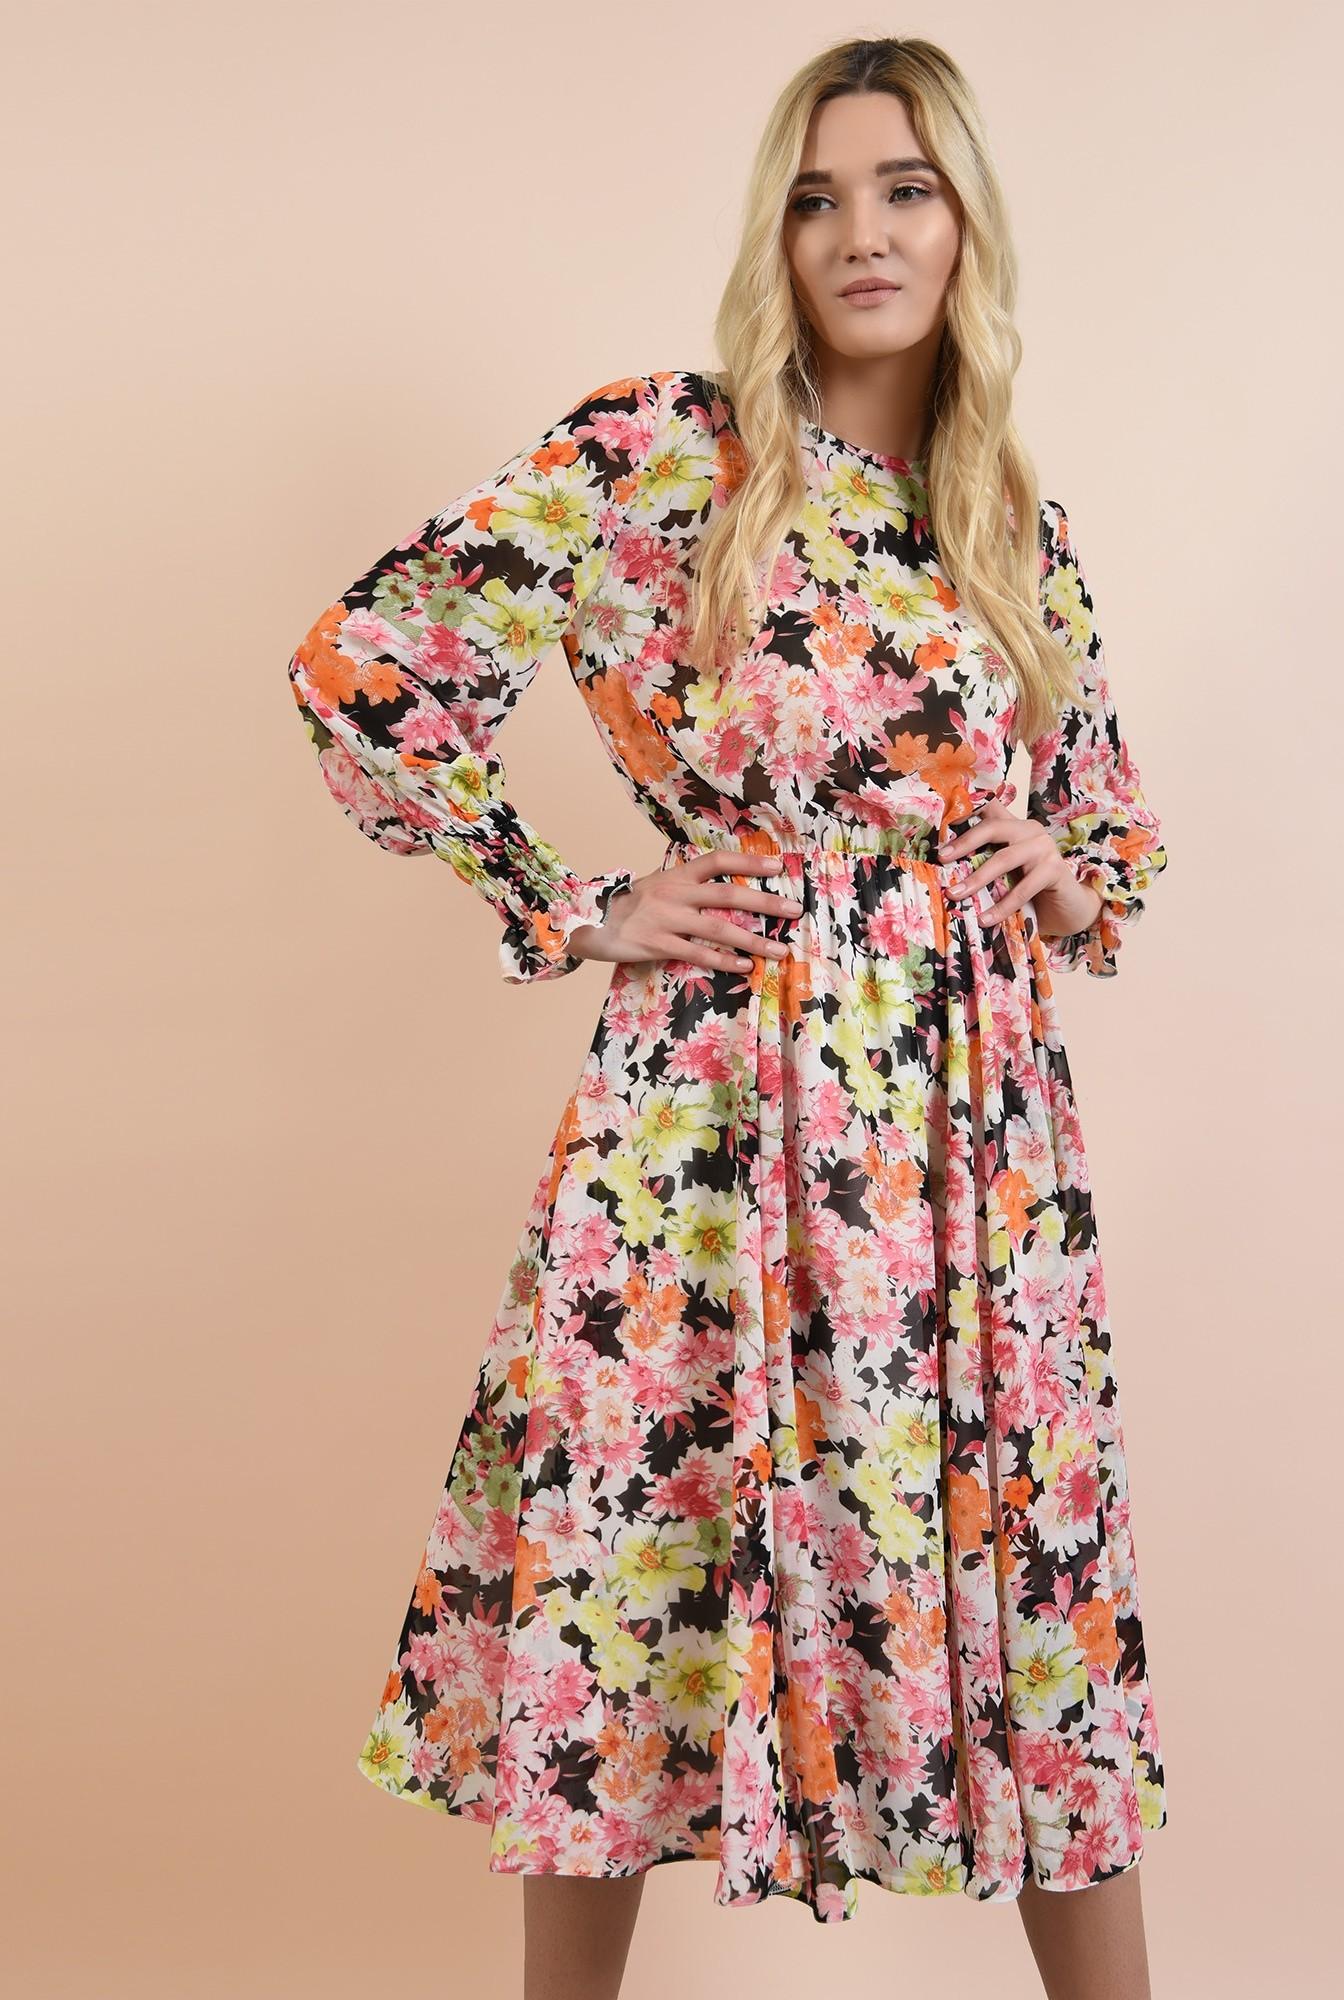 0 - rochie casual, pe bie, cu imprimeu floral, maneci lungi cu mansete elastice